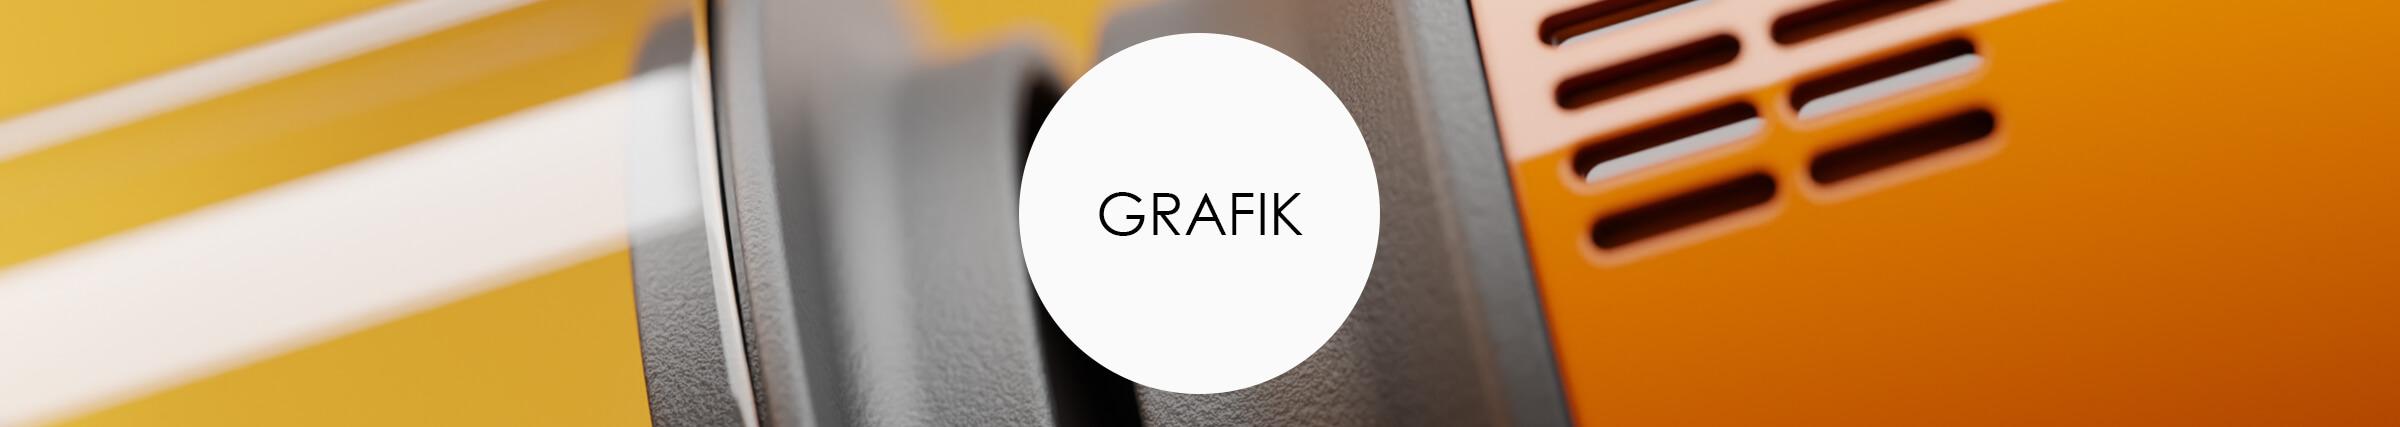 grafik-full